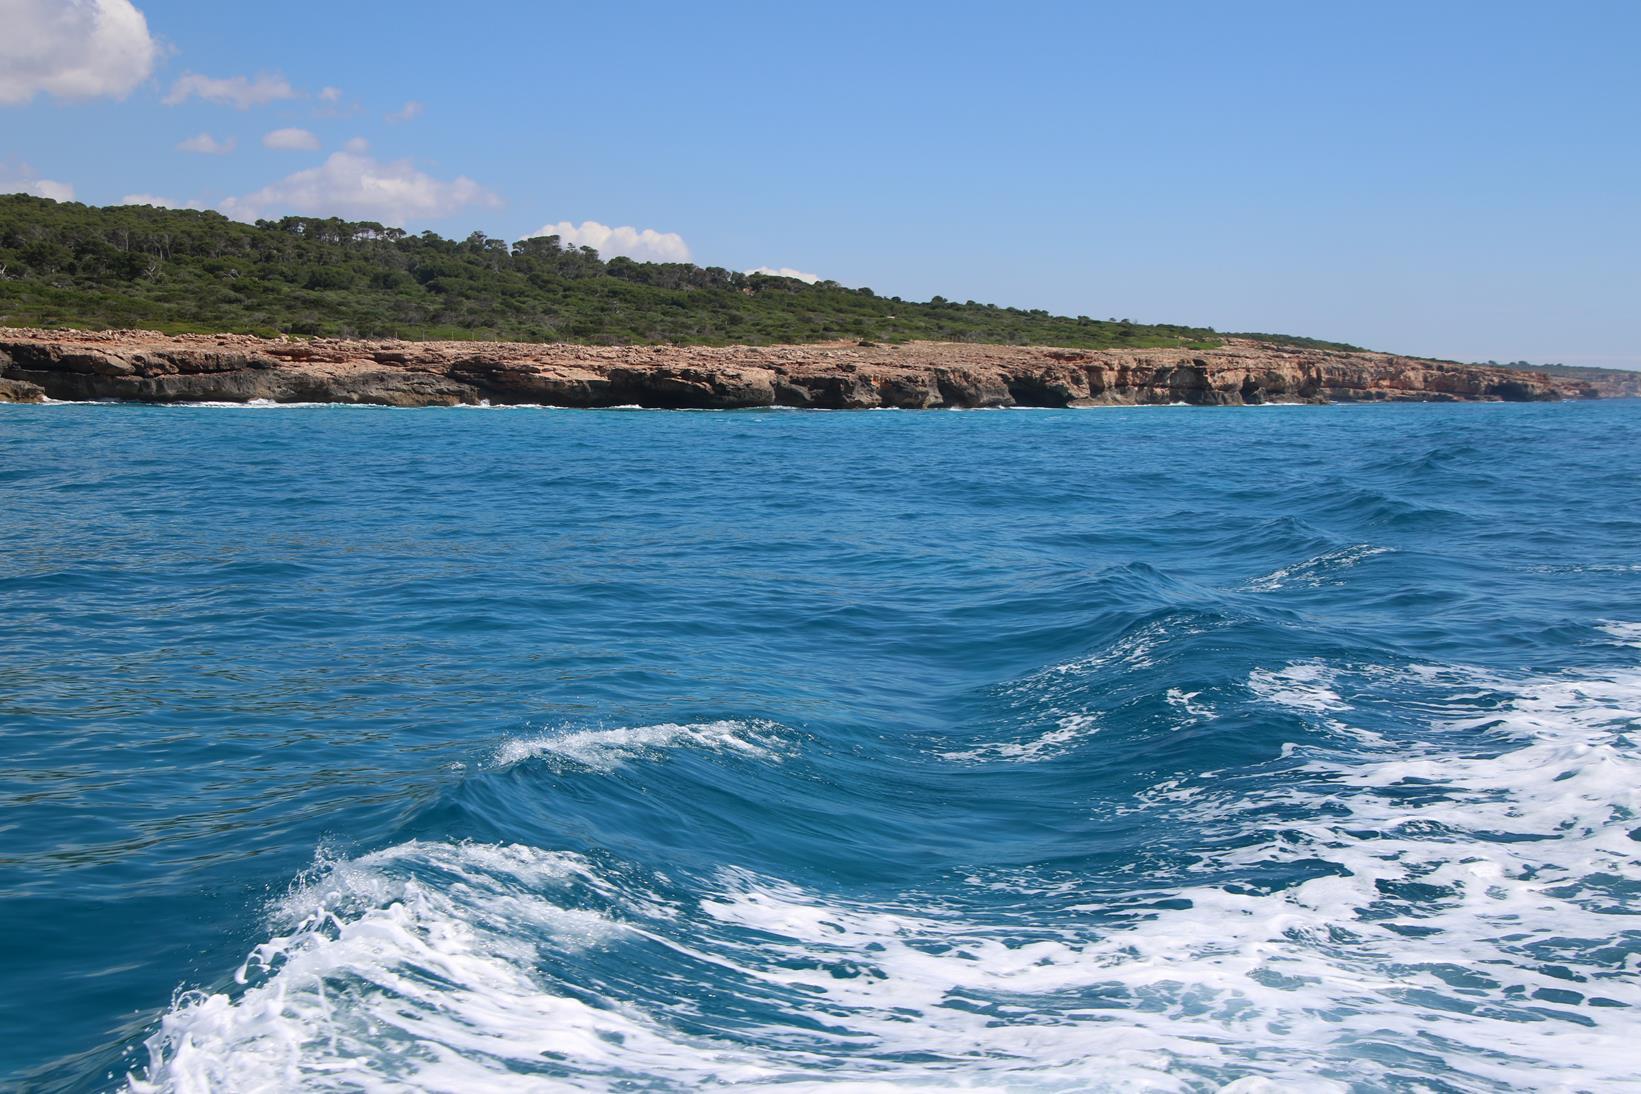 Playa Riells